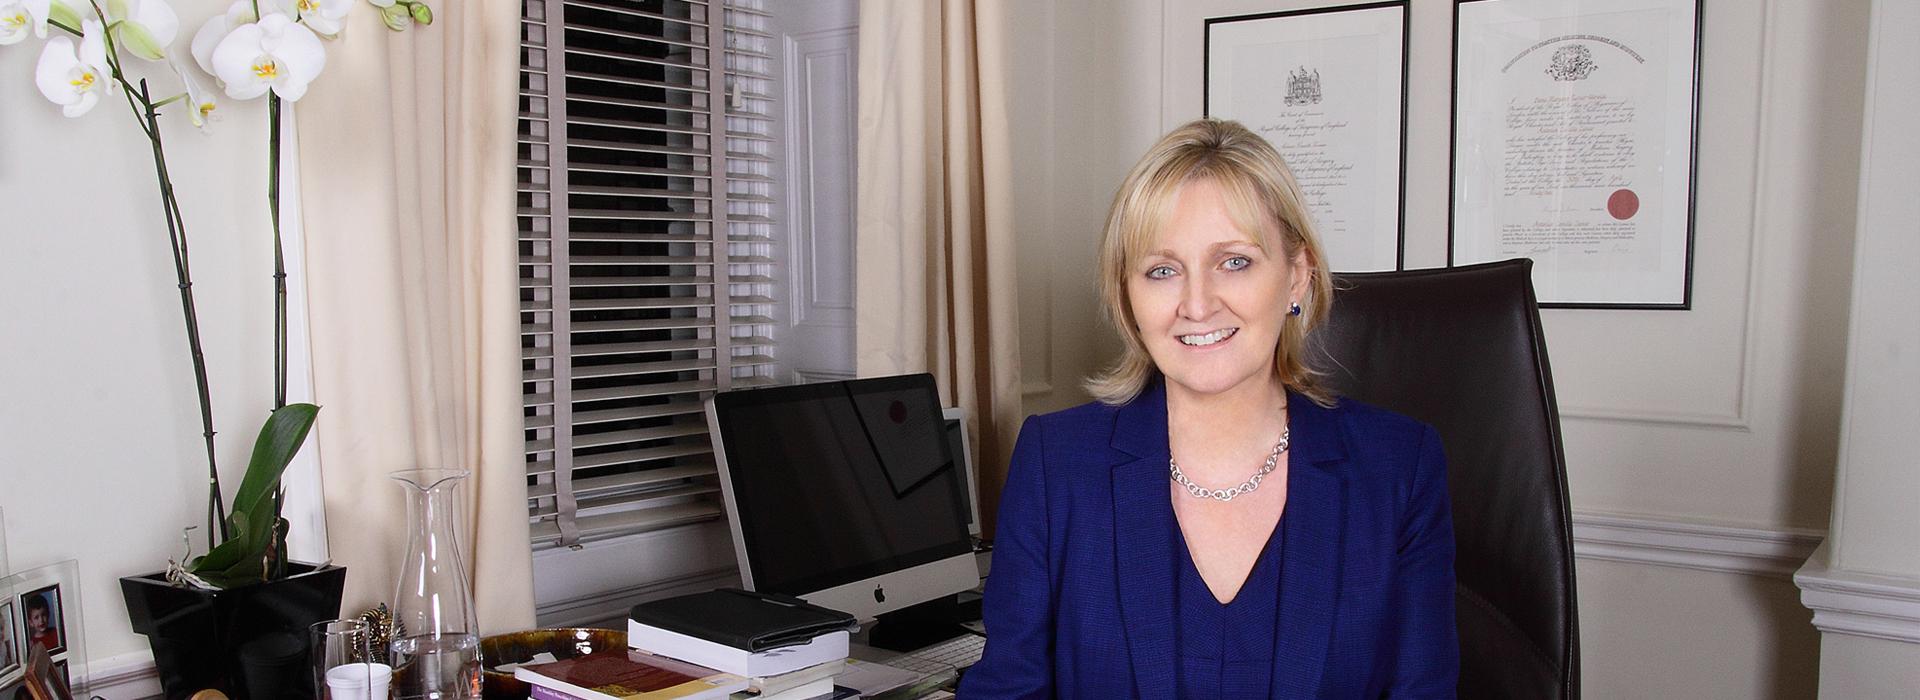 Dr Stephanie Barrett (MB ChB MD FRCP)